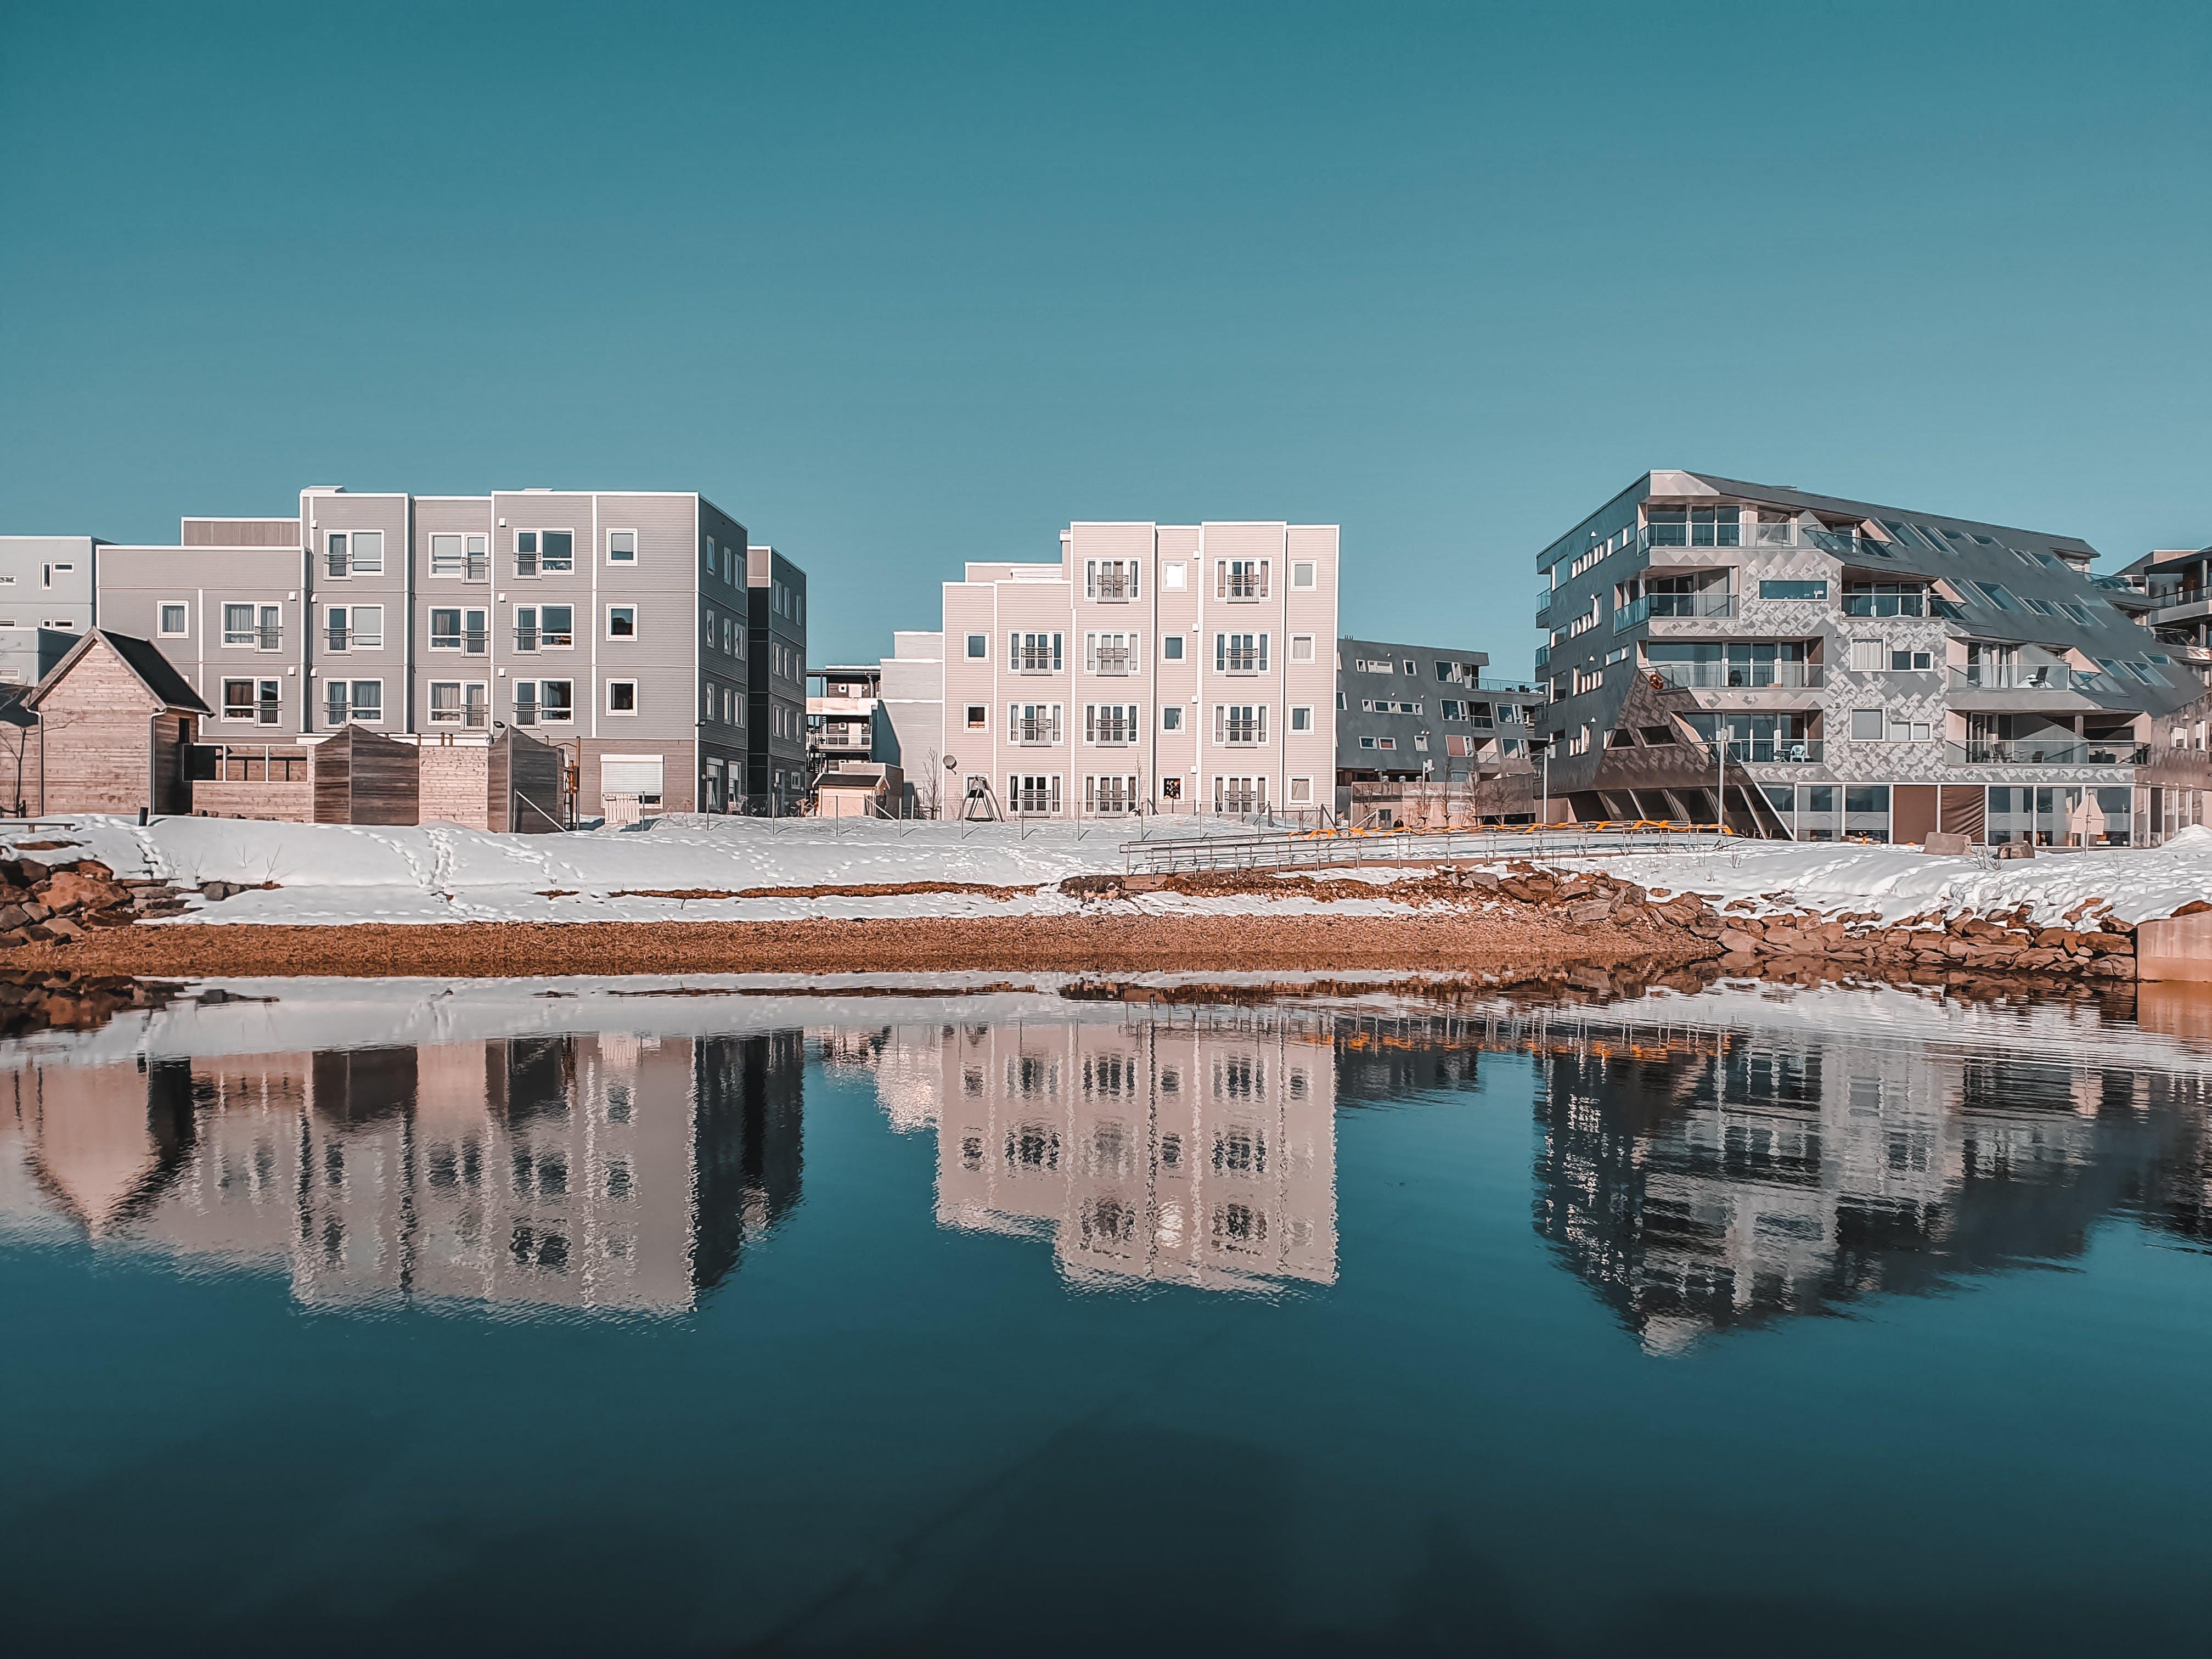 architektur, gebäude, reflektierung